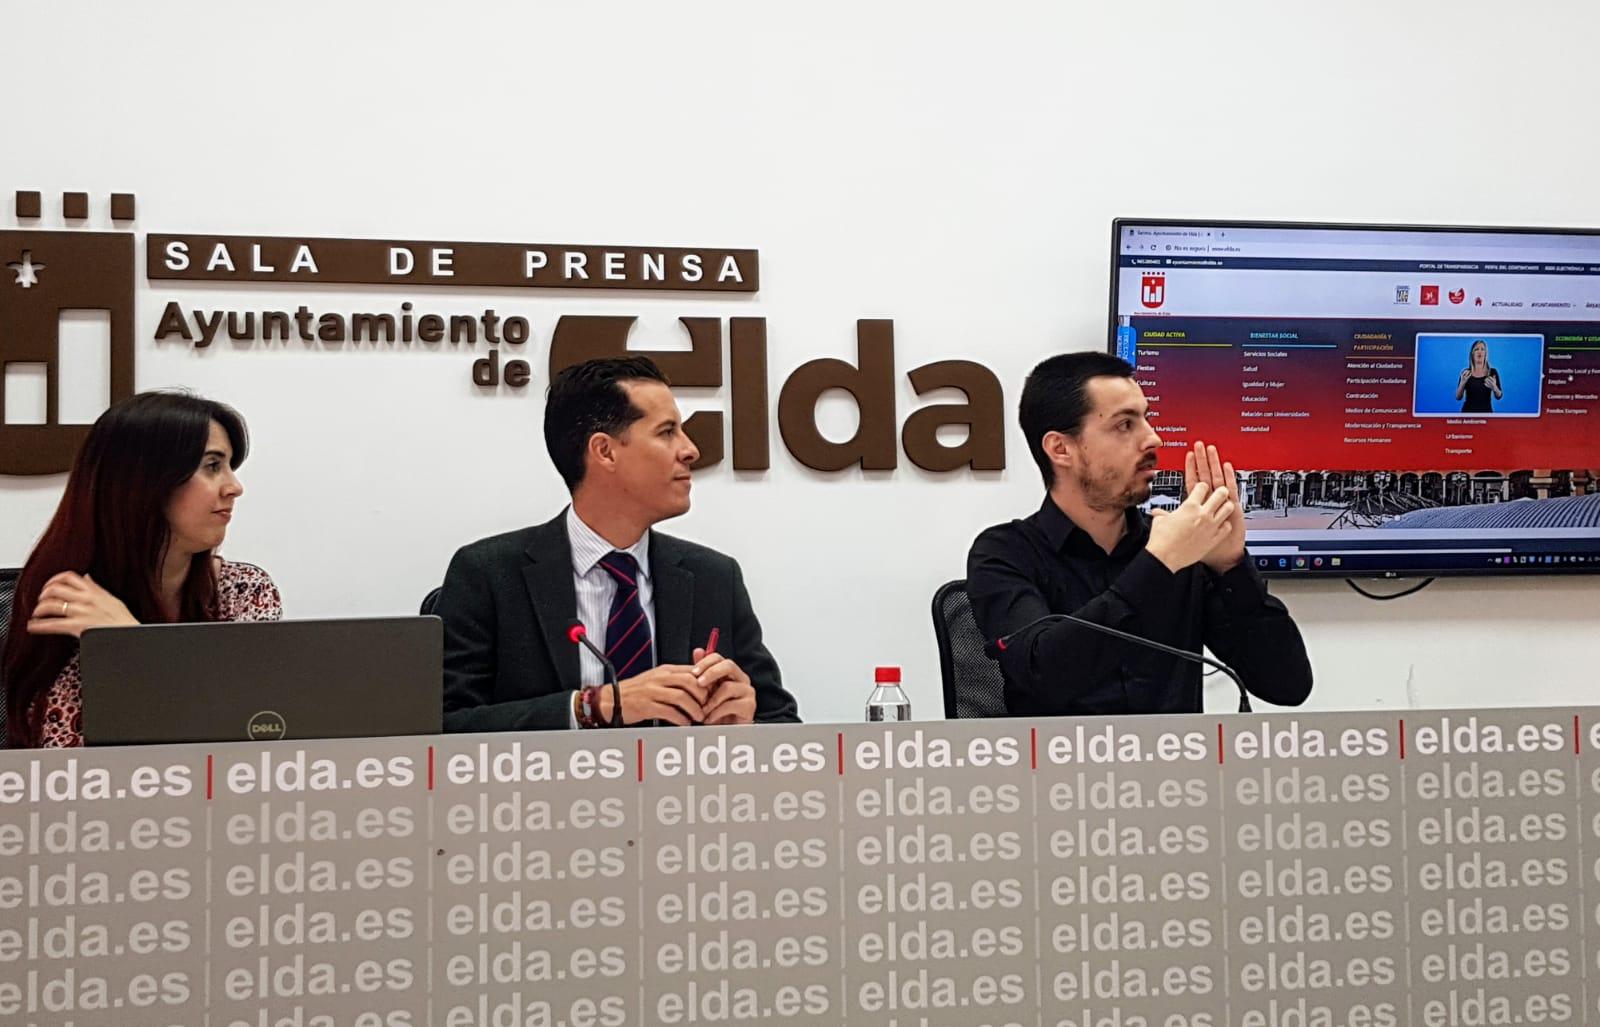 Elda.es se convierte en la primera web municipal de la Comunidad Valenciana en adaptarse a la lengua de signos.